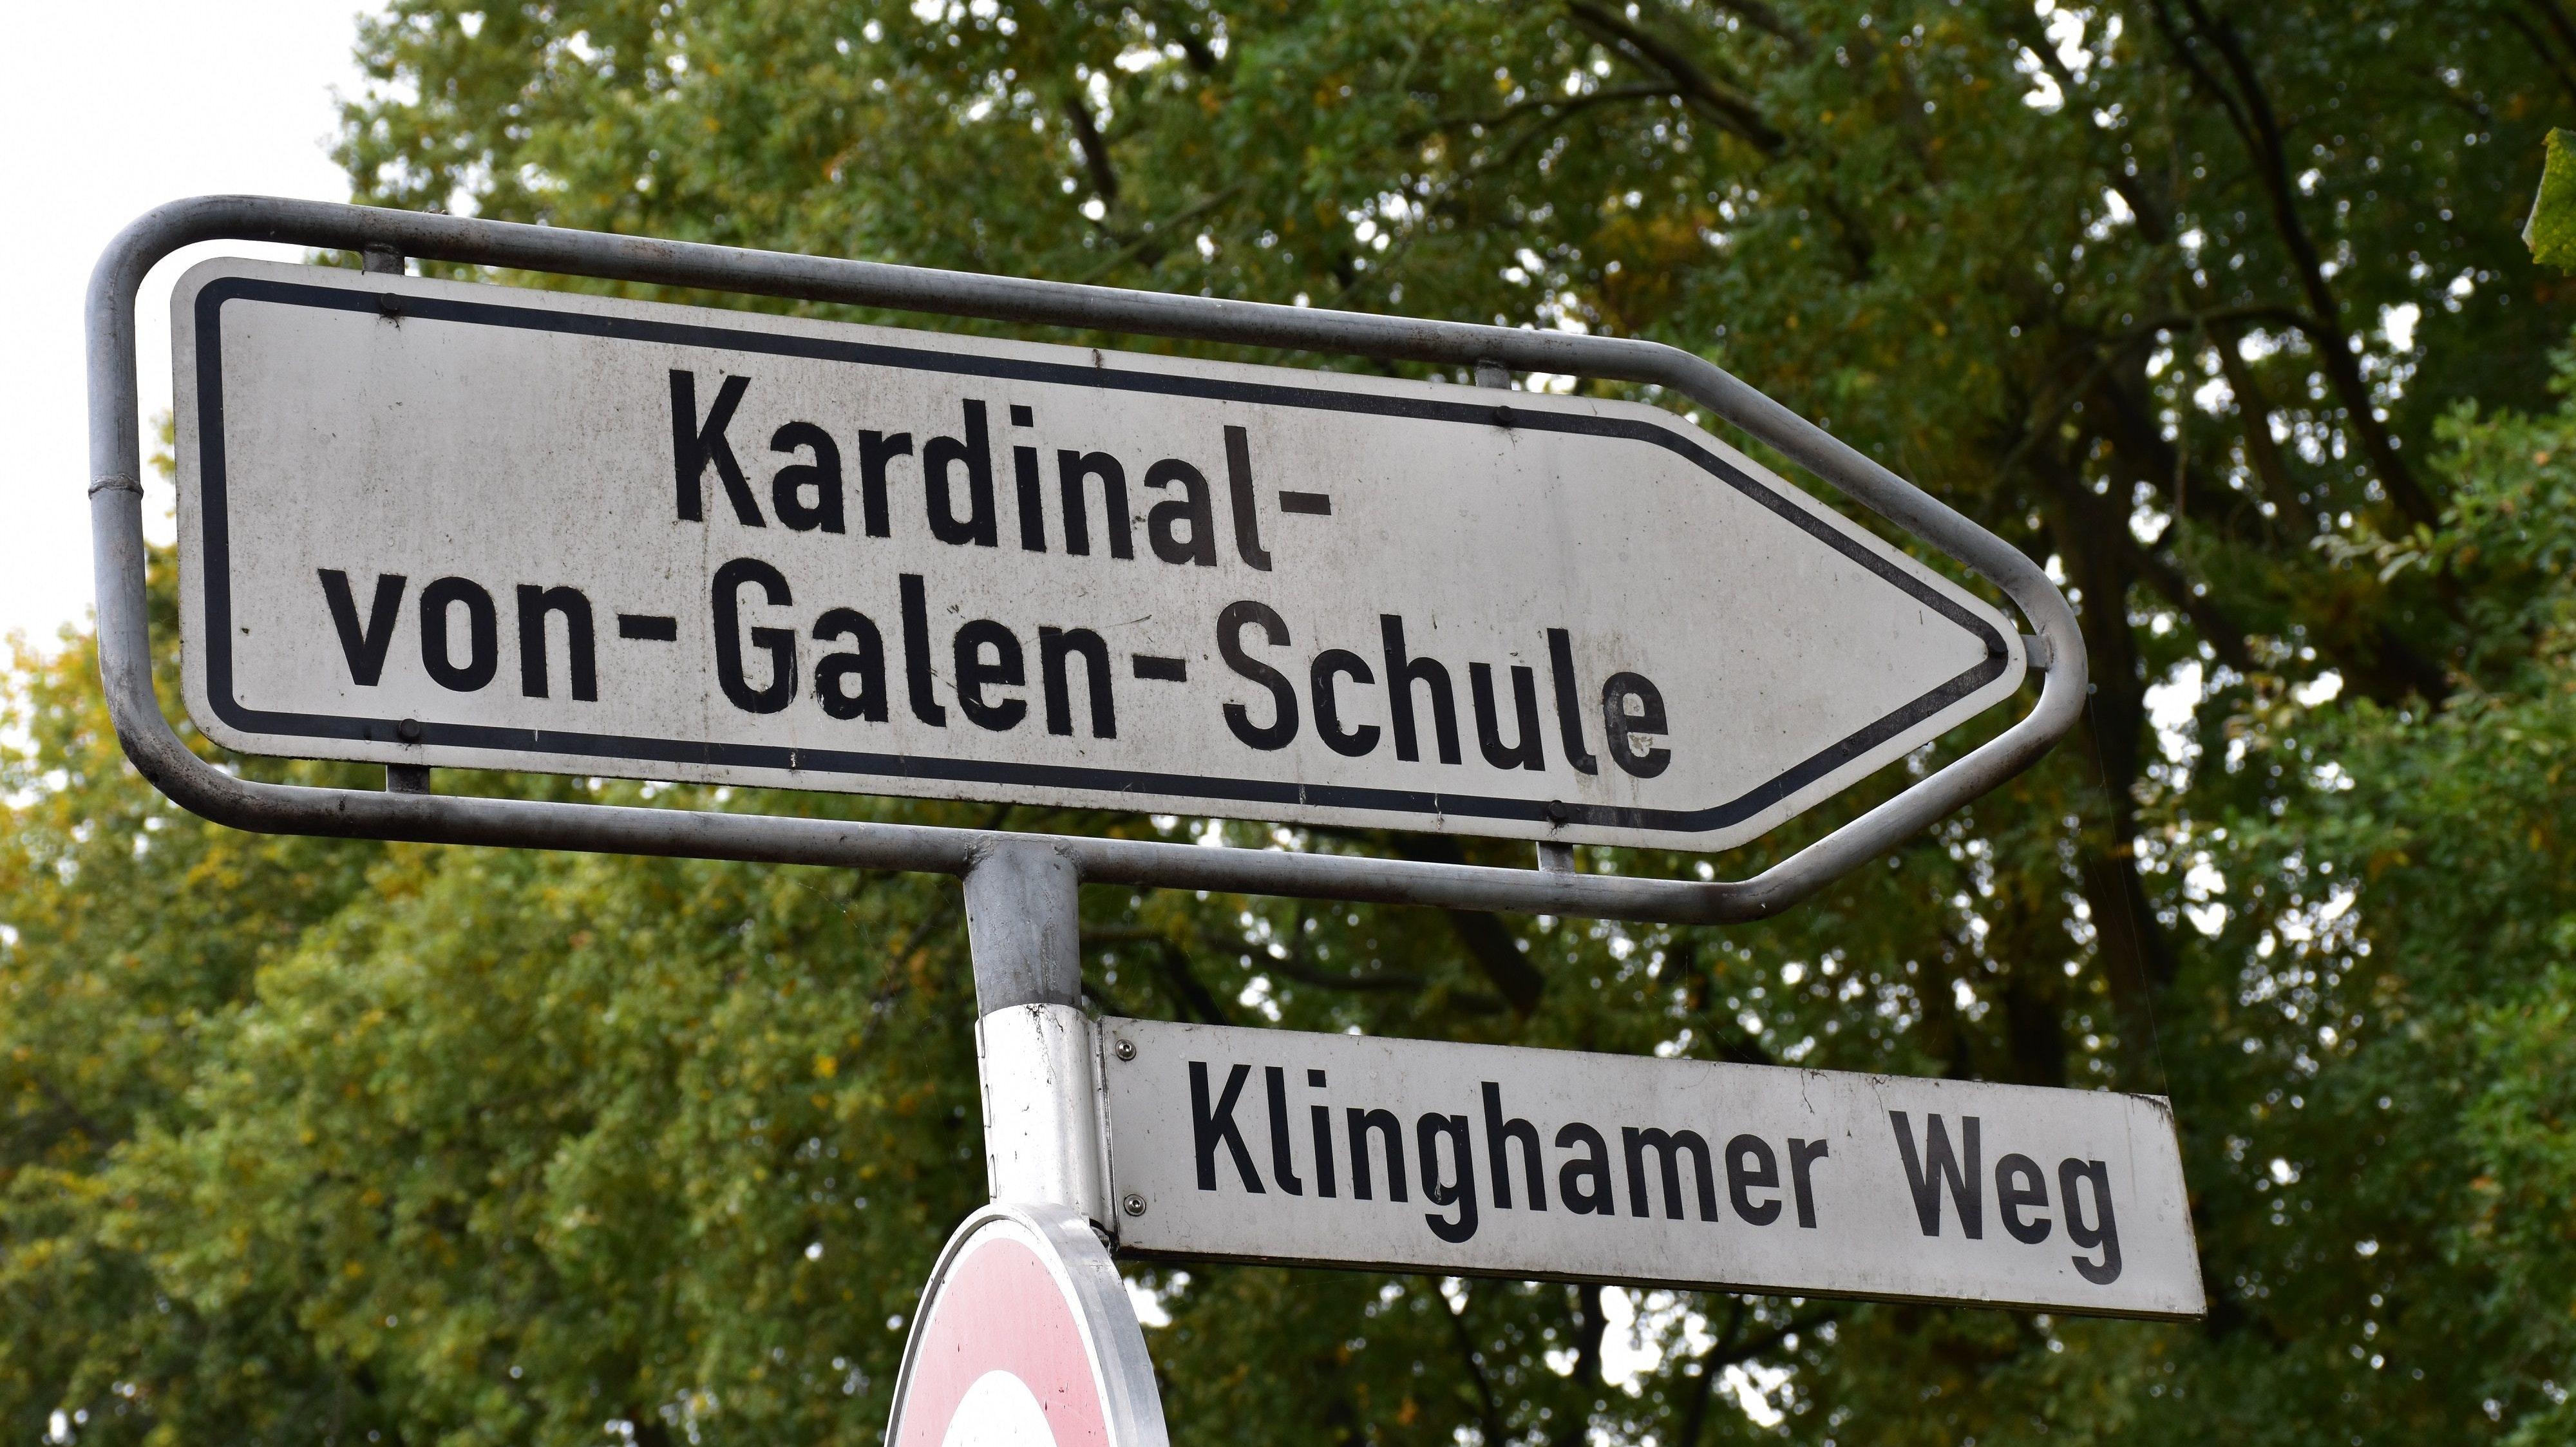 Hier geht's rein: Die Kardinal-von-Galen-Schule Dinklage liegt am Klinghamer Weg. Foto: Böckmann